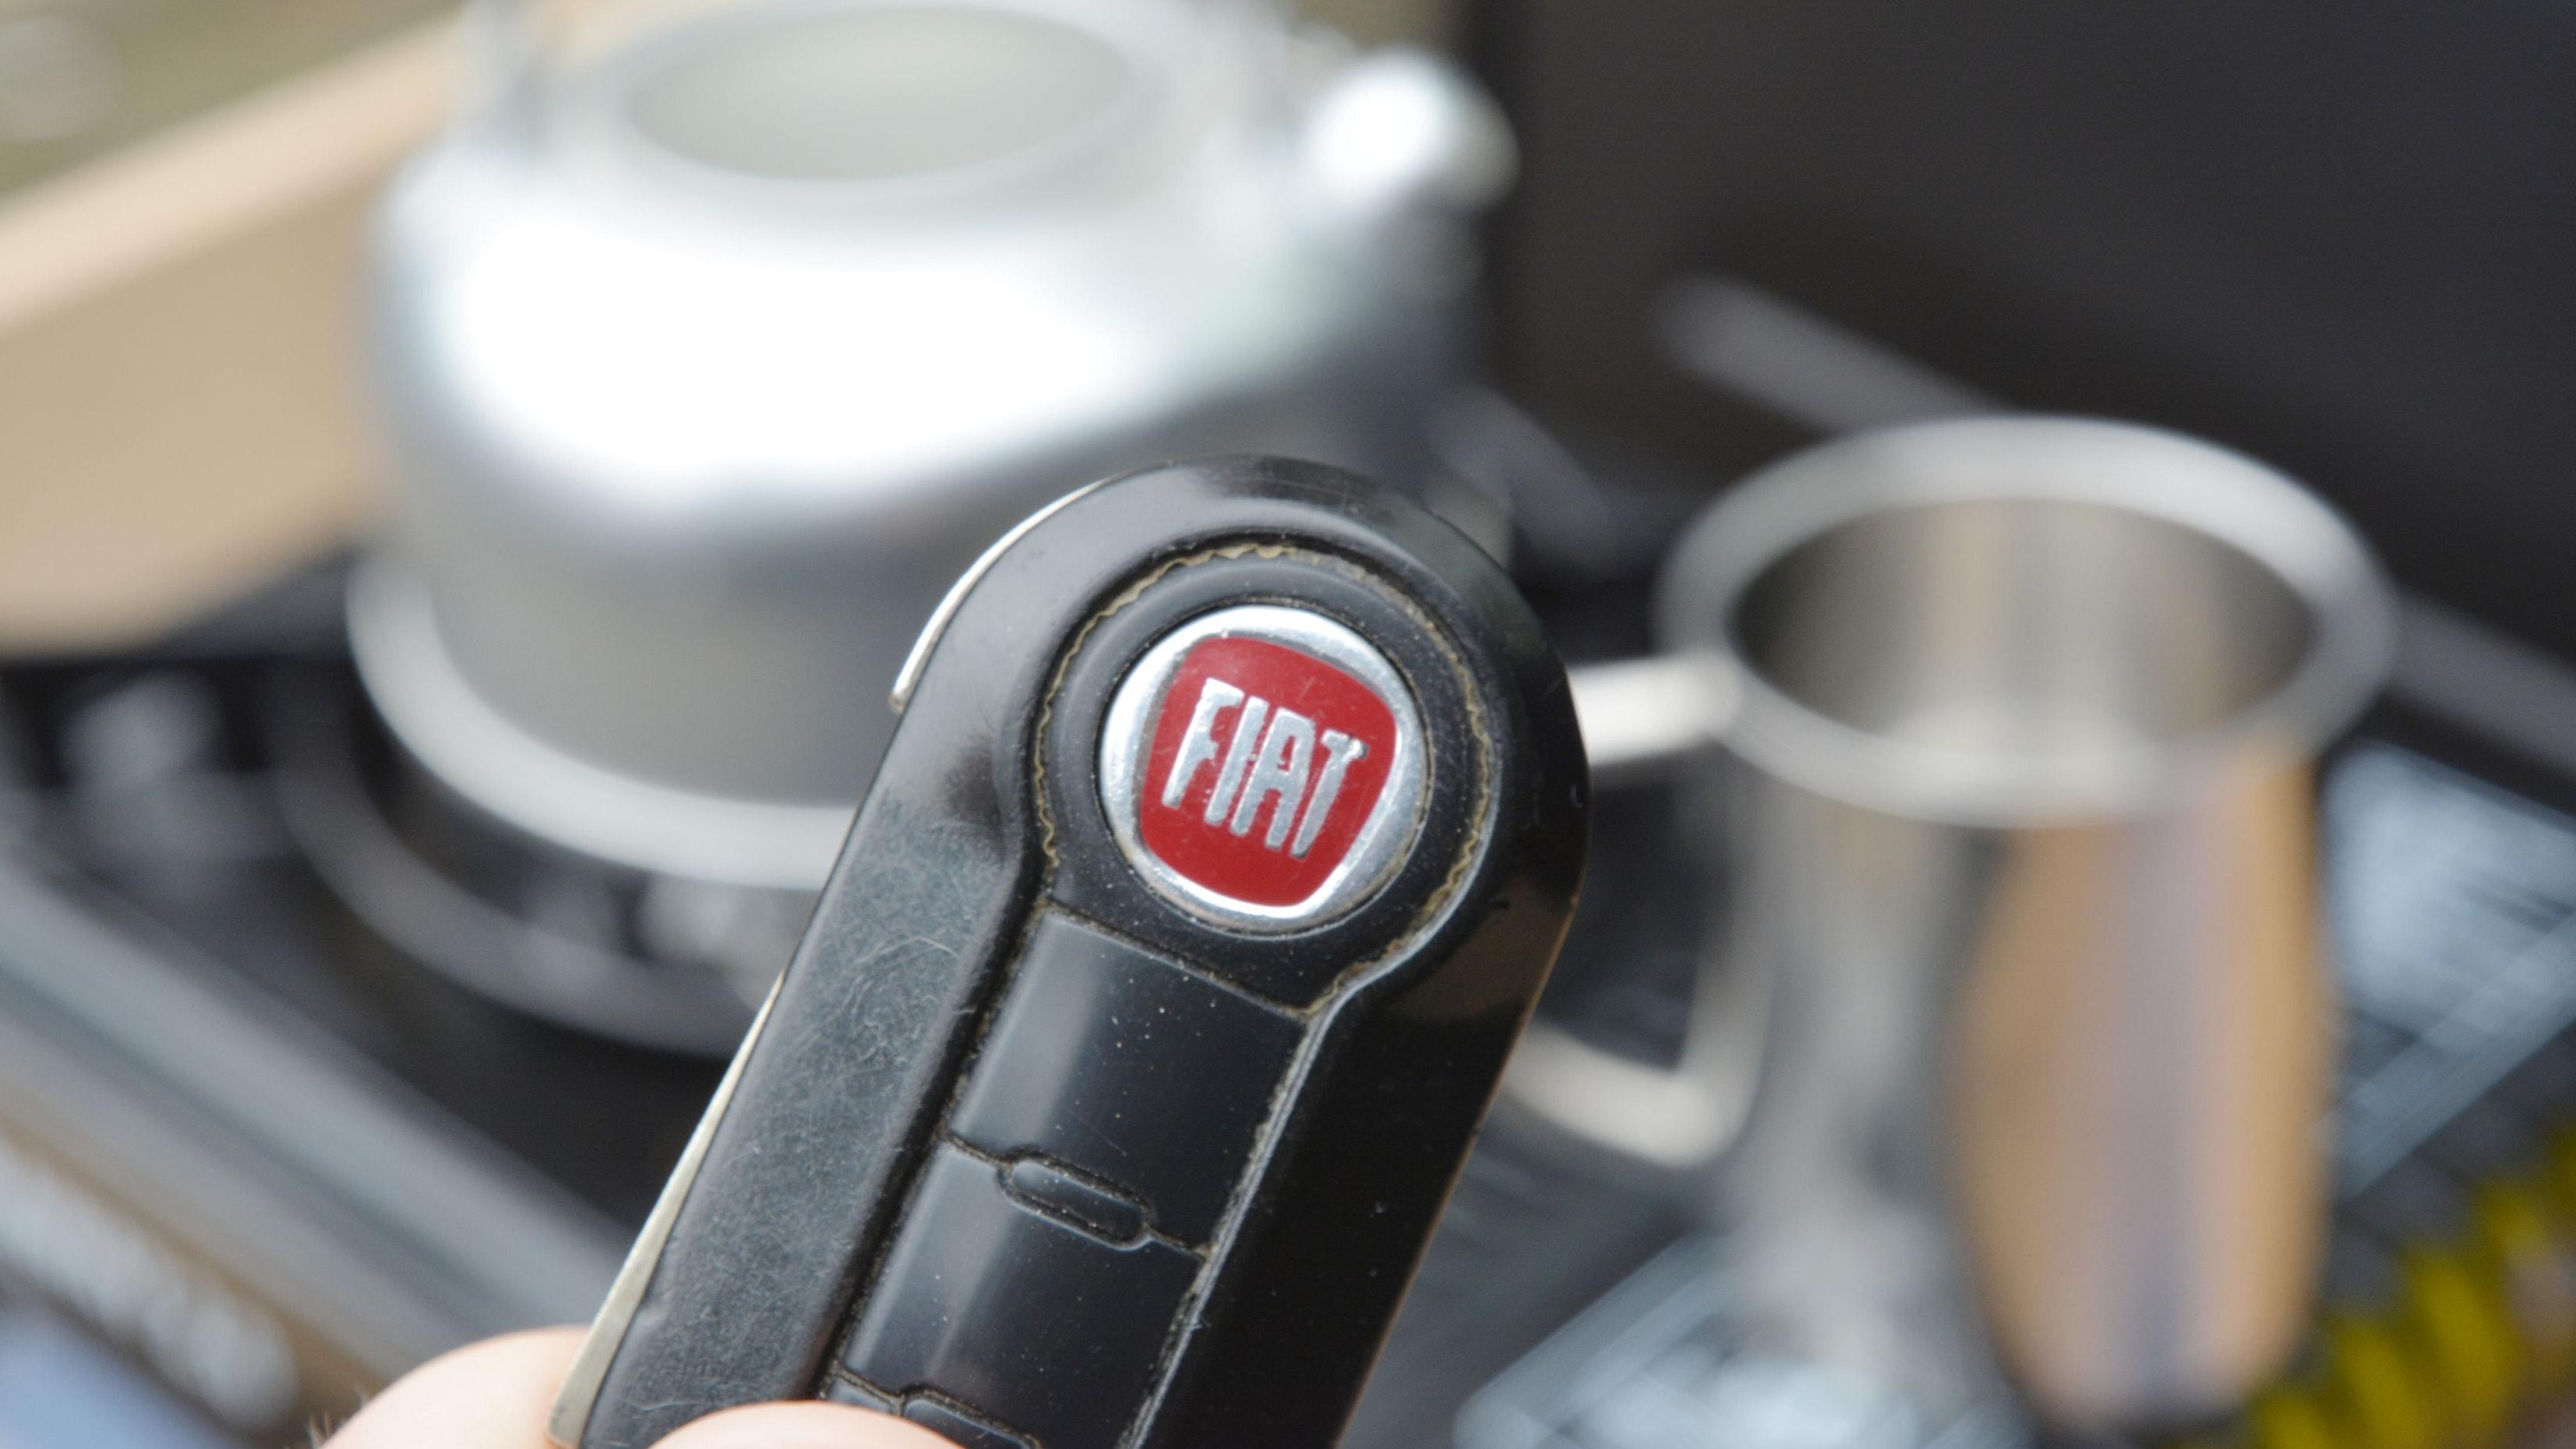 Gegenstand von Verfahren: Gegen Fiat wird zurzeit ermittelt, erste Klagen wurden eingereicht. Foto: Hermes